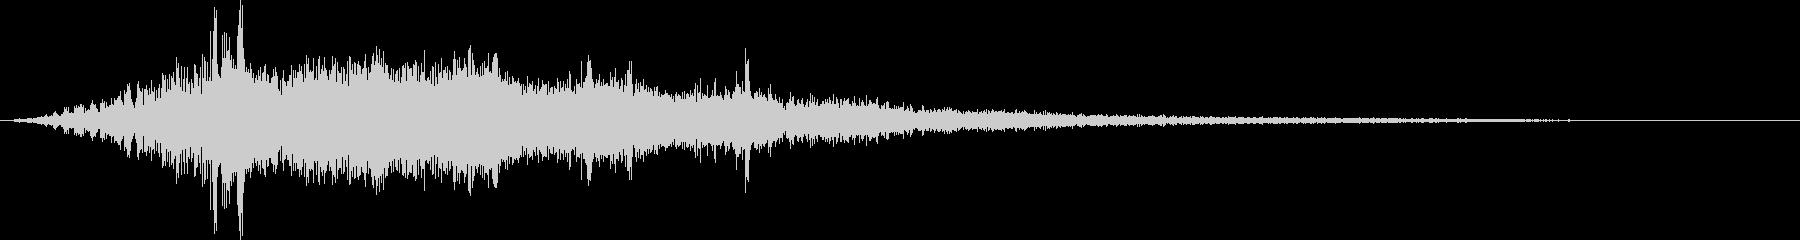 ゲーム演出_電子音(SF映画・ホラー)の未再生の波形